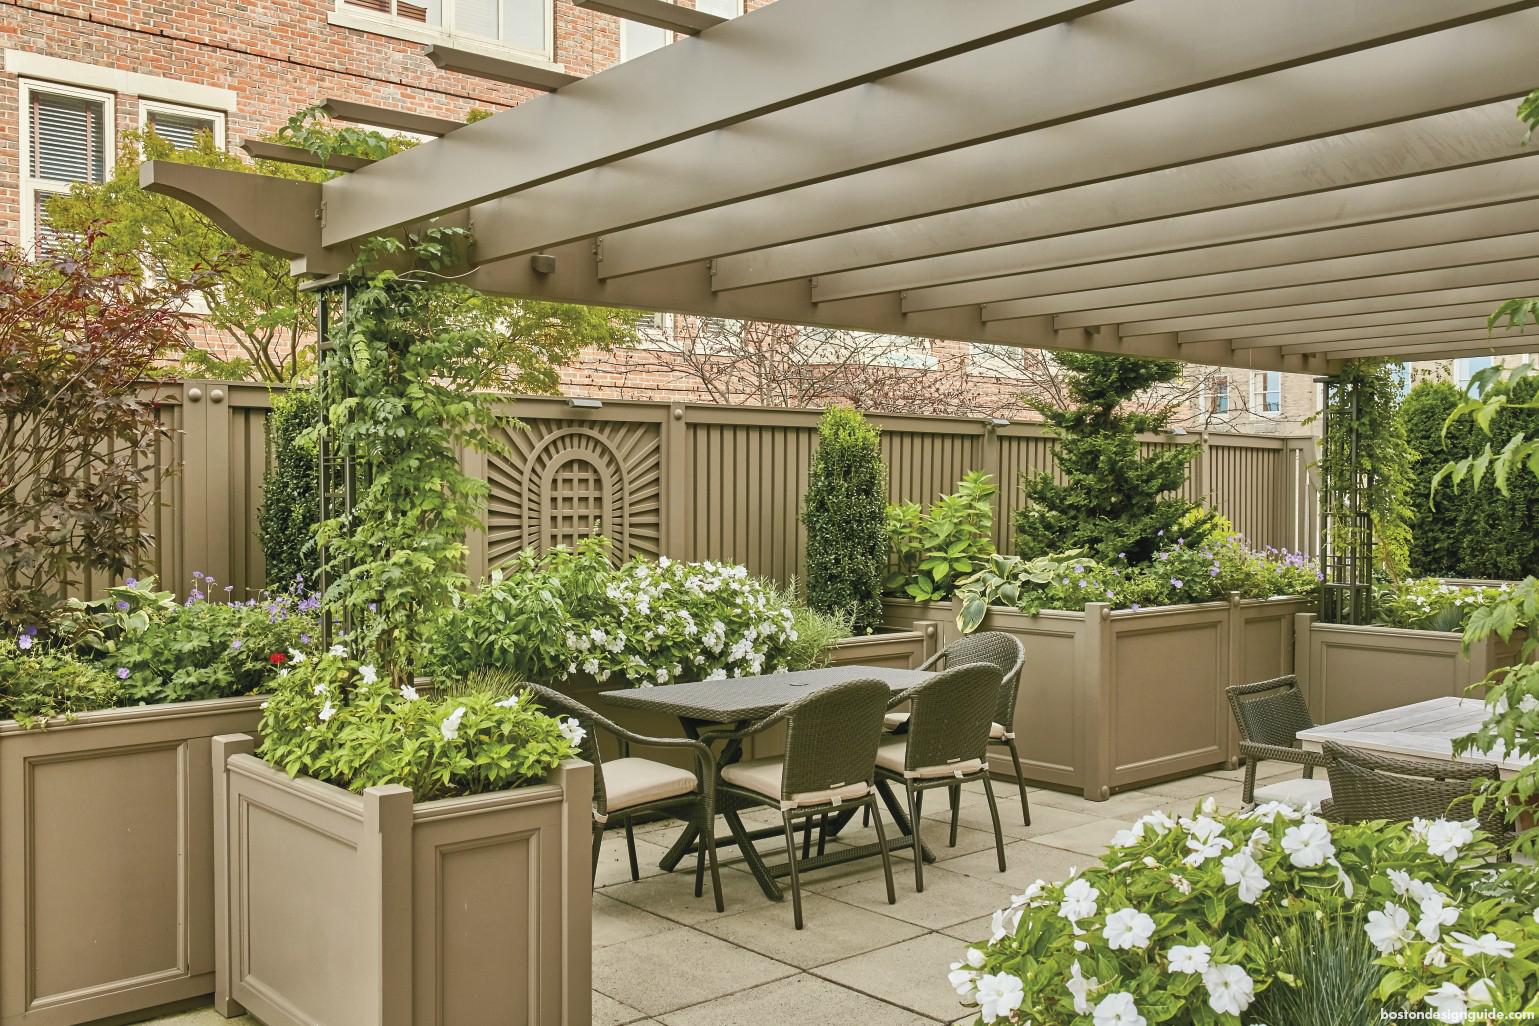 Home outdoor lifestyle custom pergola private patio design